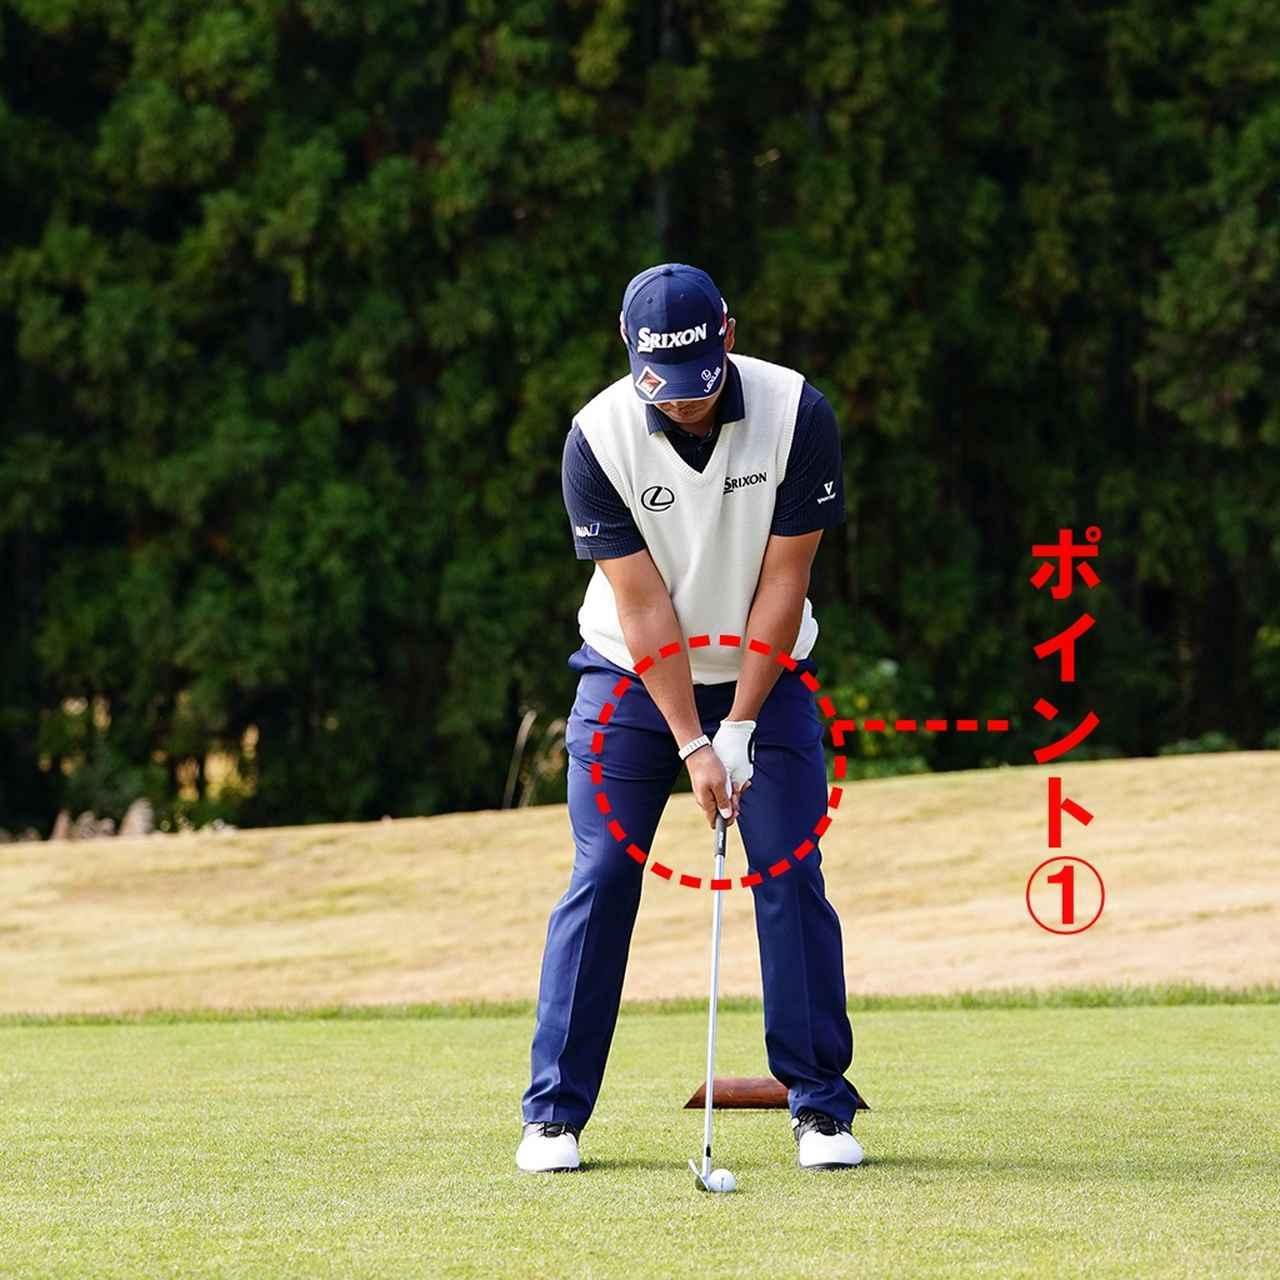 画像3: 【松山英樹】「手の位置が超低い」。世界のアイアンマンをスウィング分析!